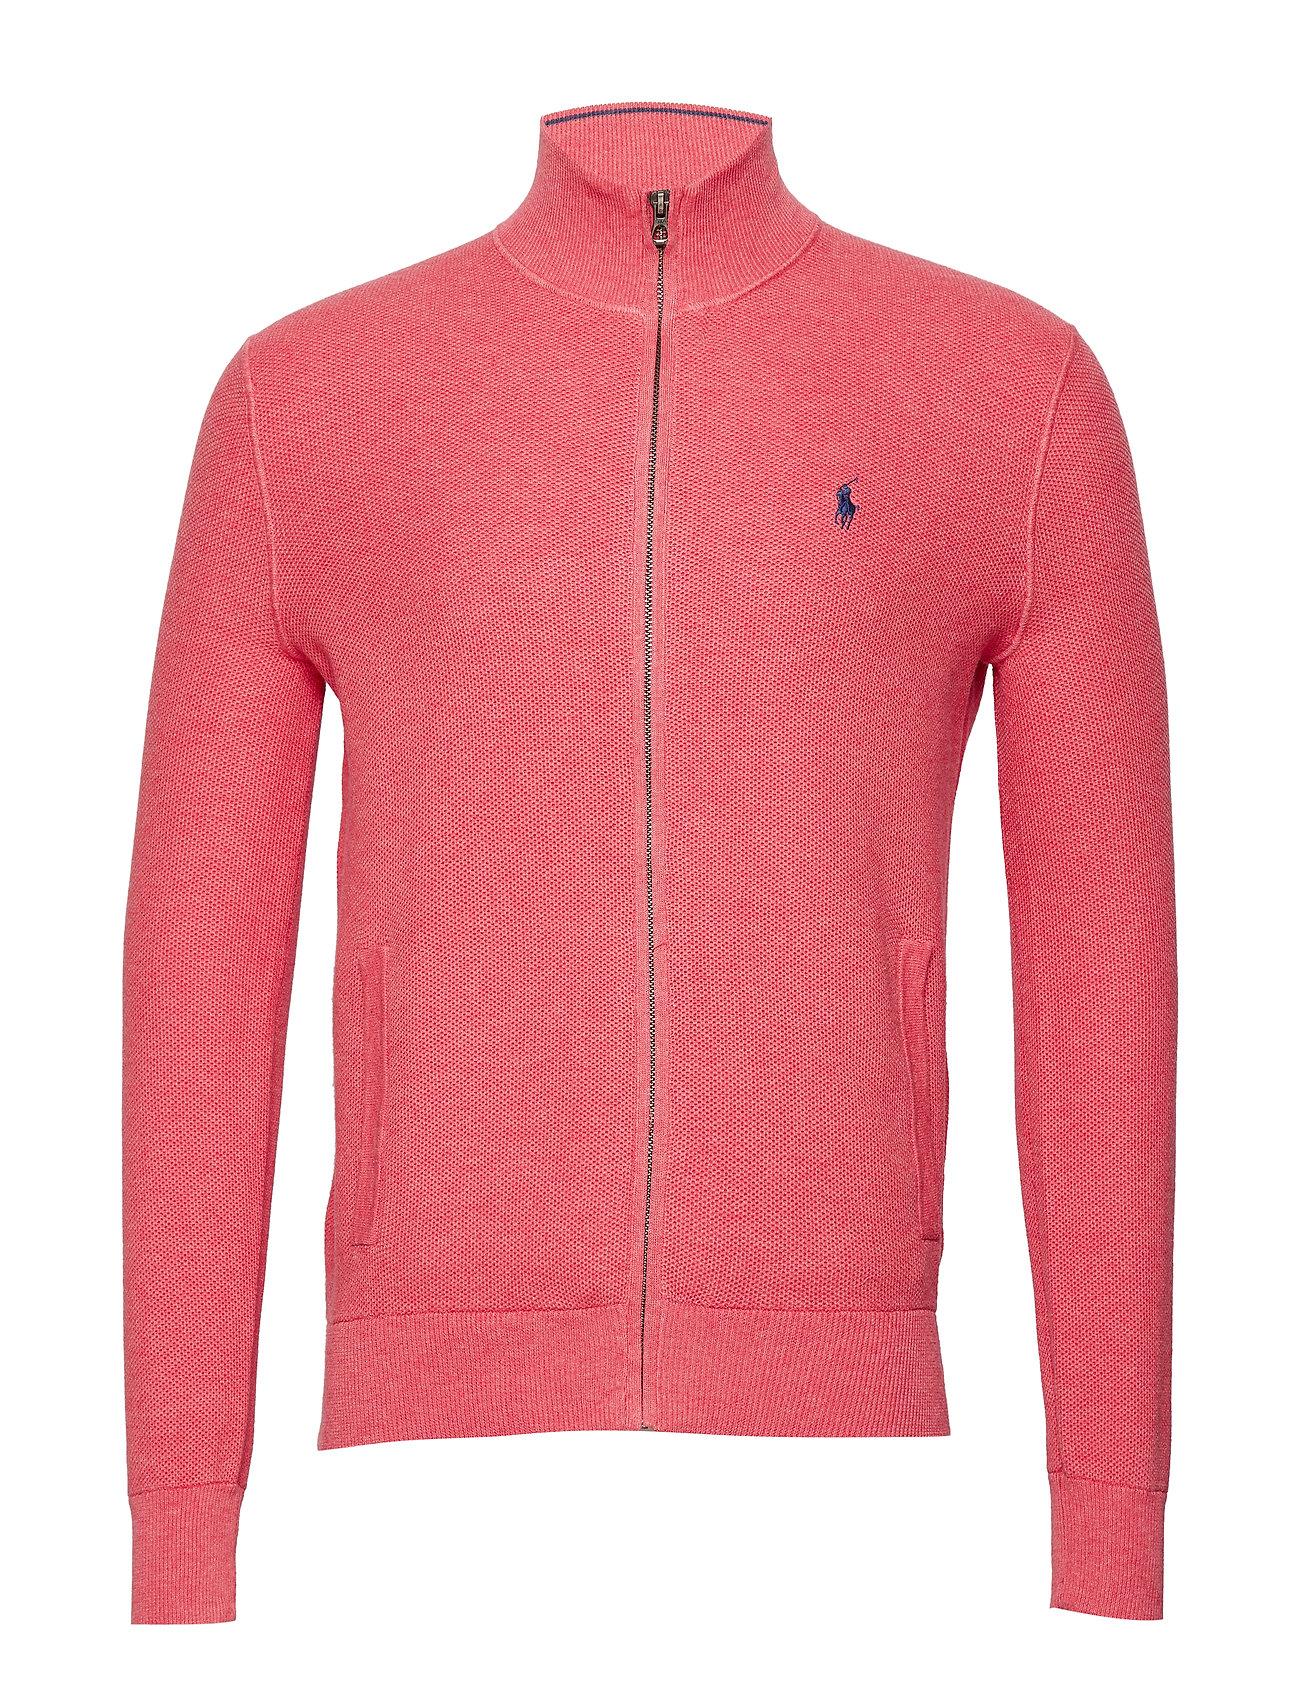 Polo Ralph Lauren Cotton Full-Zip Sweater - HIGHLAND ROSE HEA